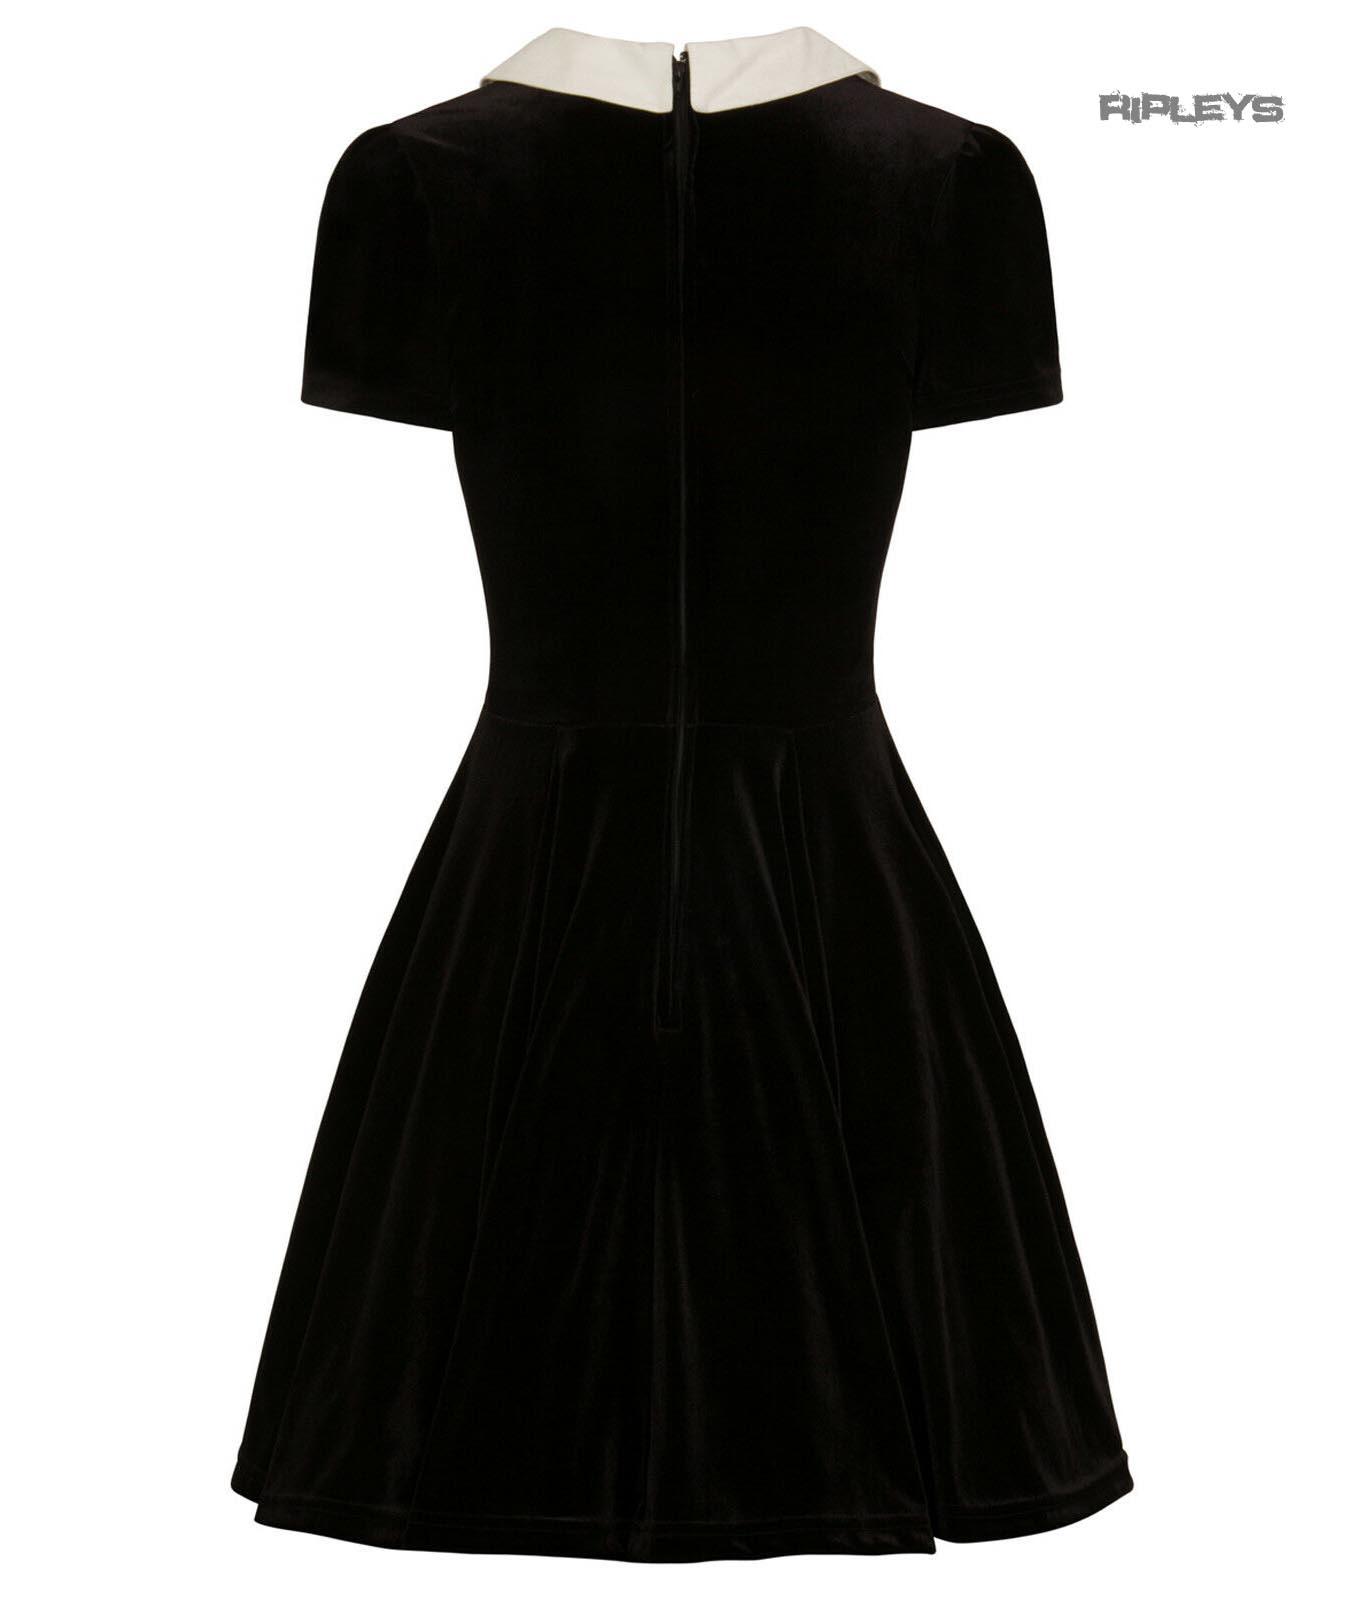 Hell-Bunny-Goth-Mini-Skater-Dress-NIGHTSHADE-Poison-Cherry-Black-Velvet-All-Size thumbnail 24